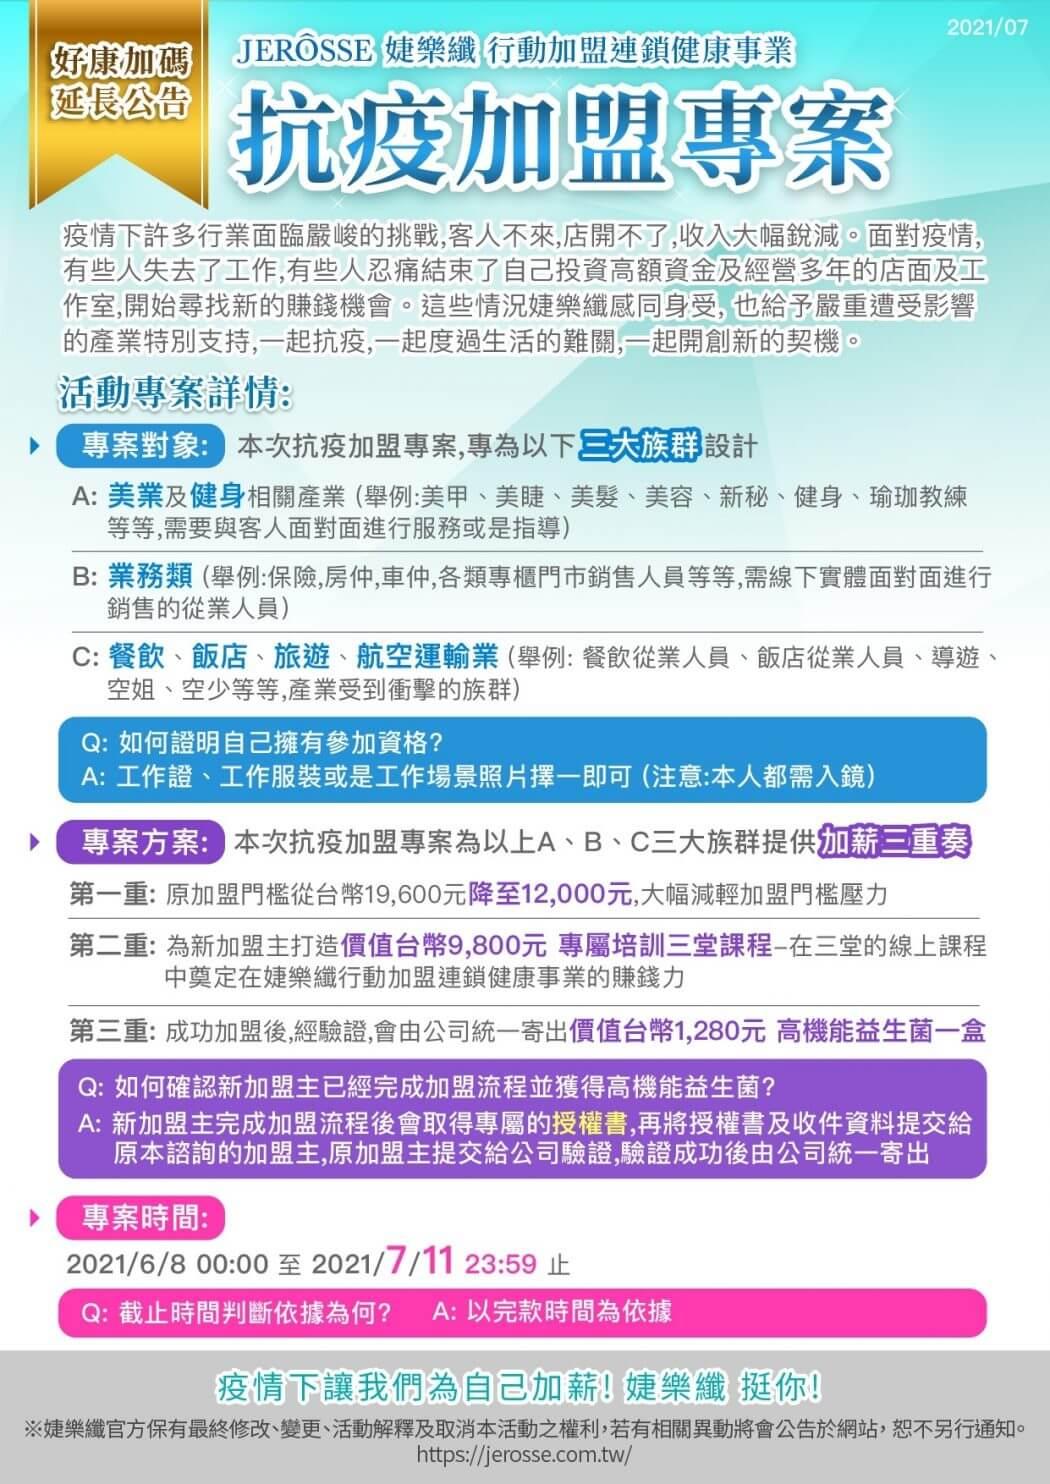 招商海報_延長公告_活動細則